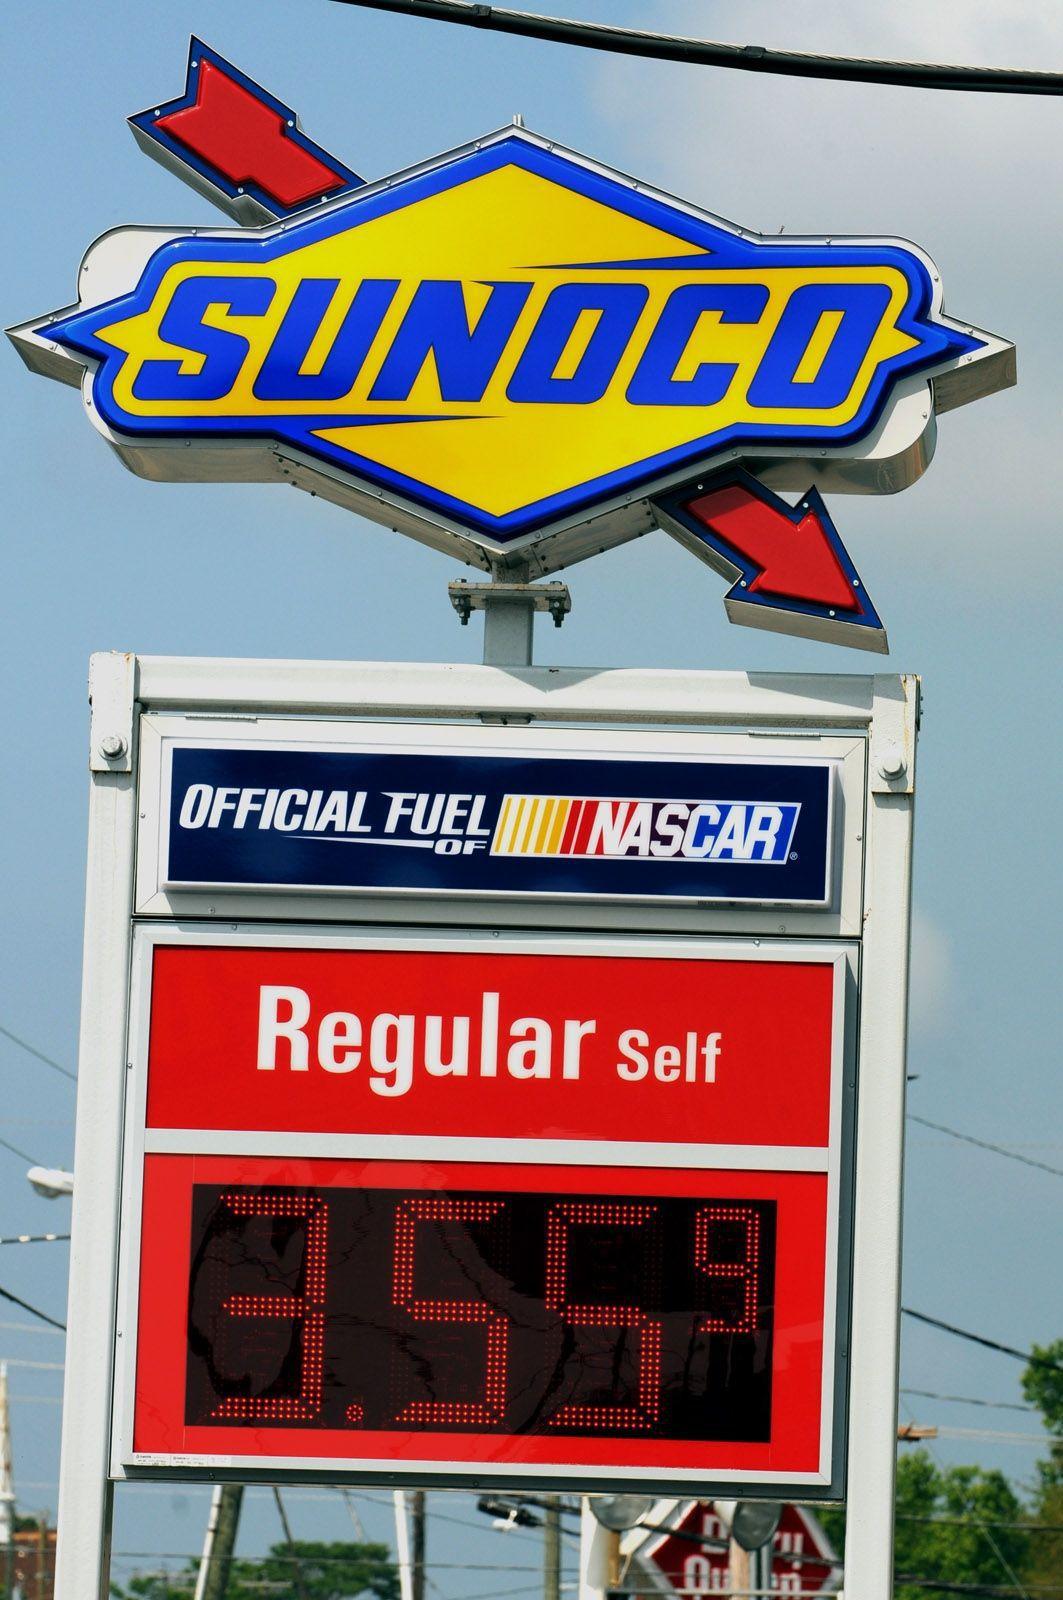 Gas/store chain Sunoco investing $30M in the area